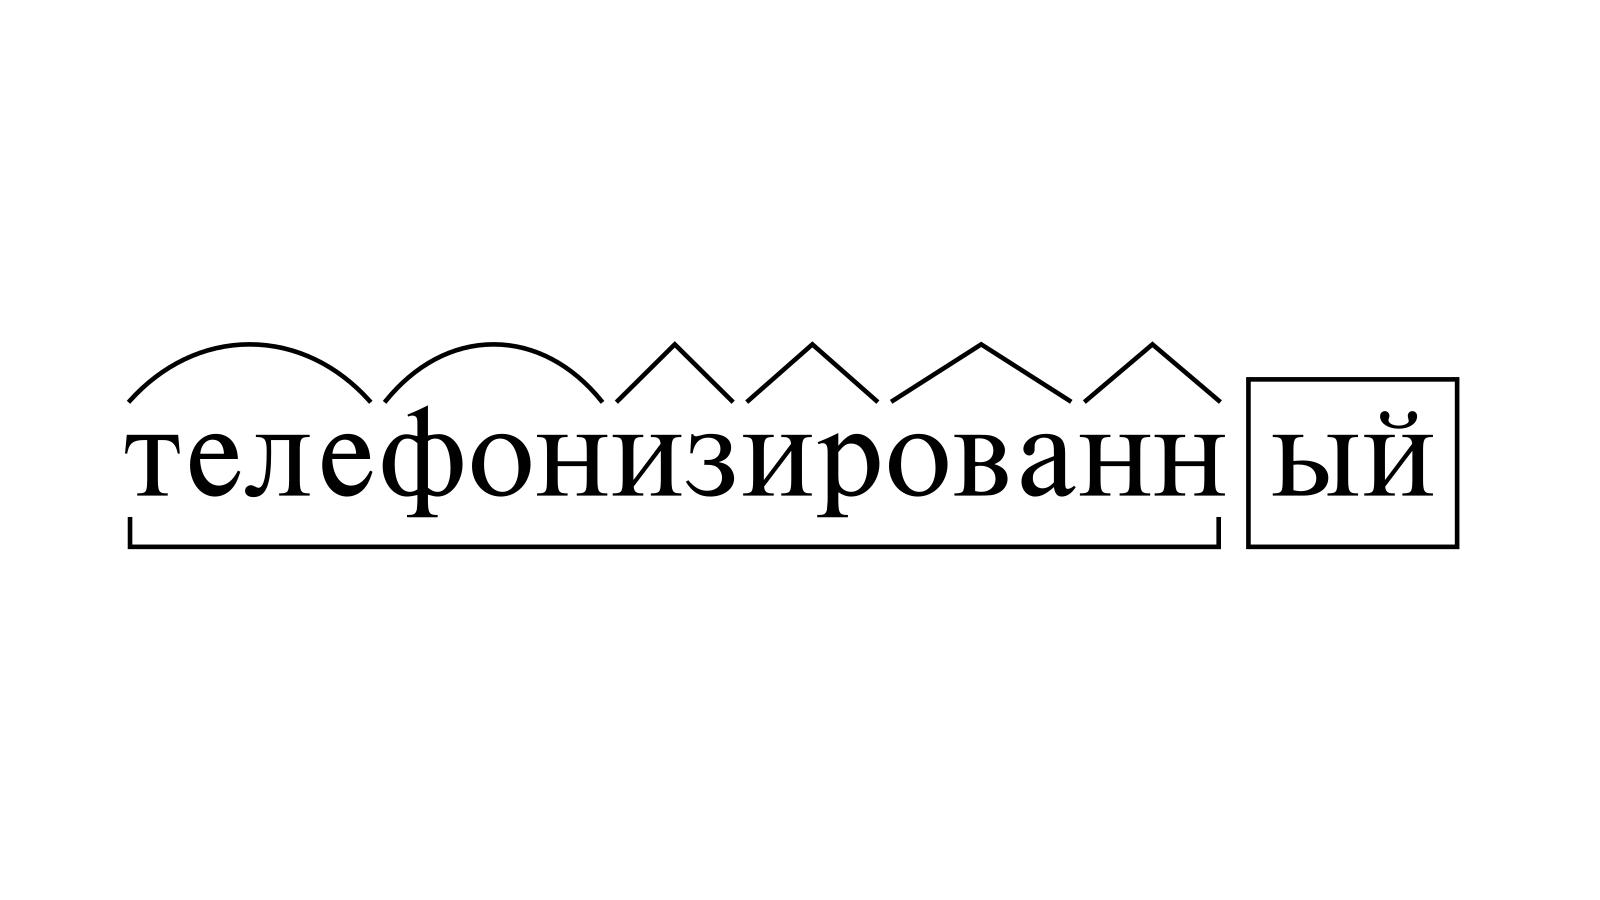 Разбор слова «телефонизированный» по составу